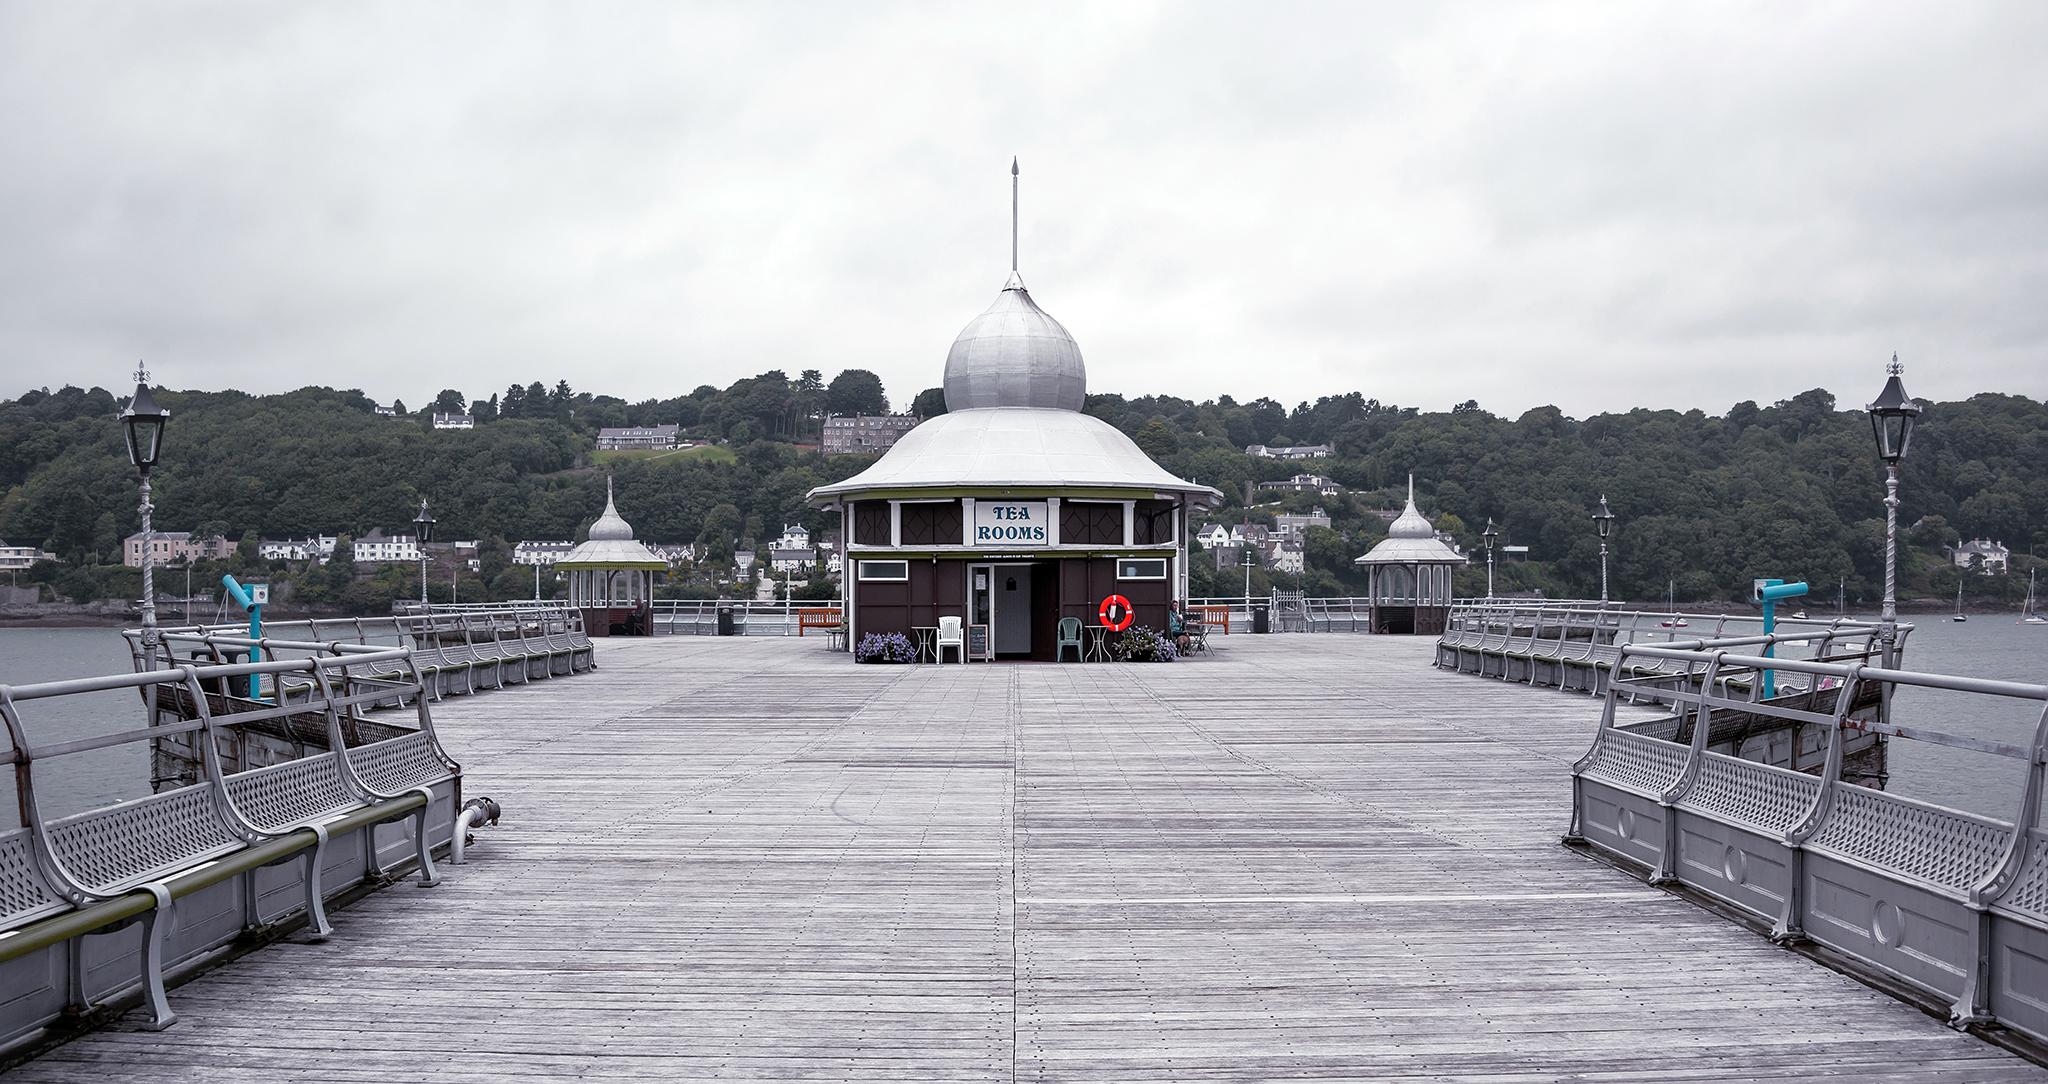 Garth Pier, United Kingdom